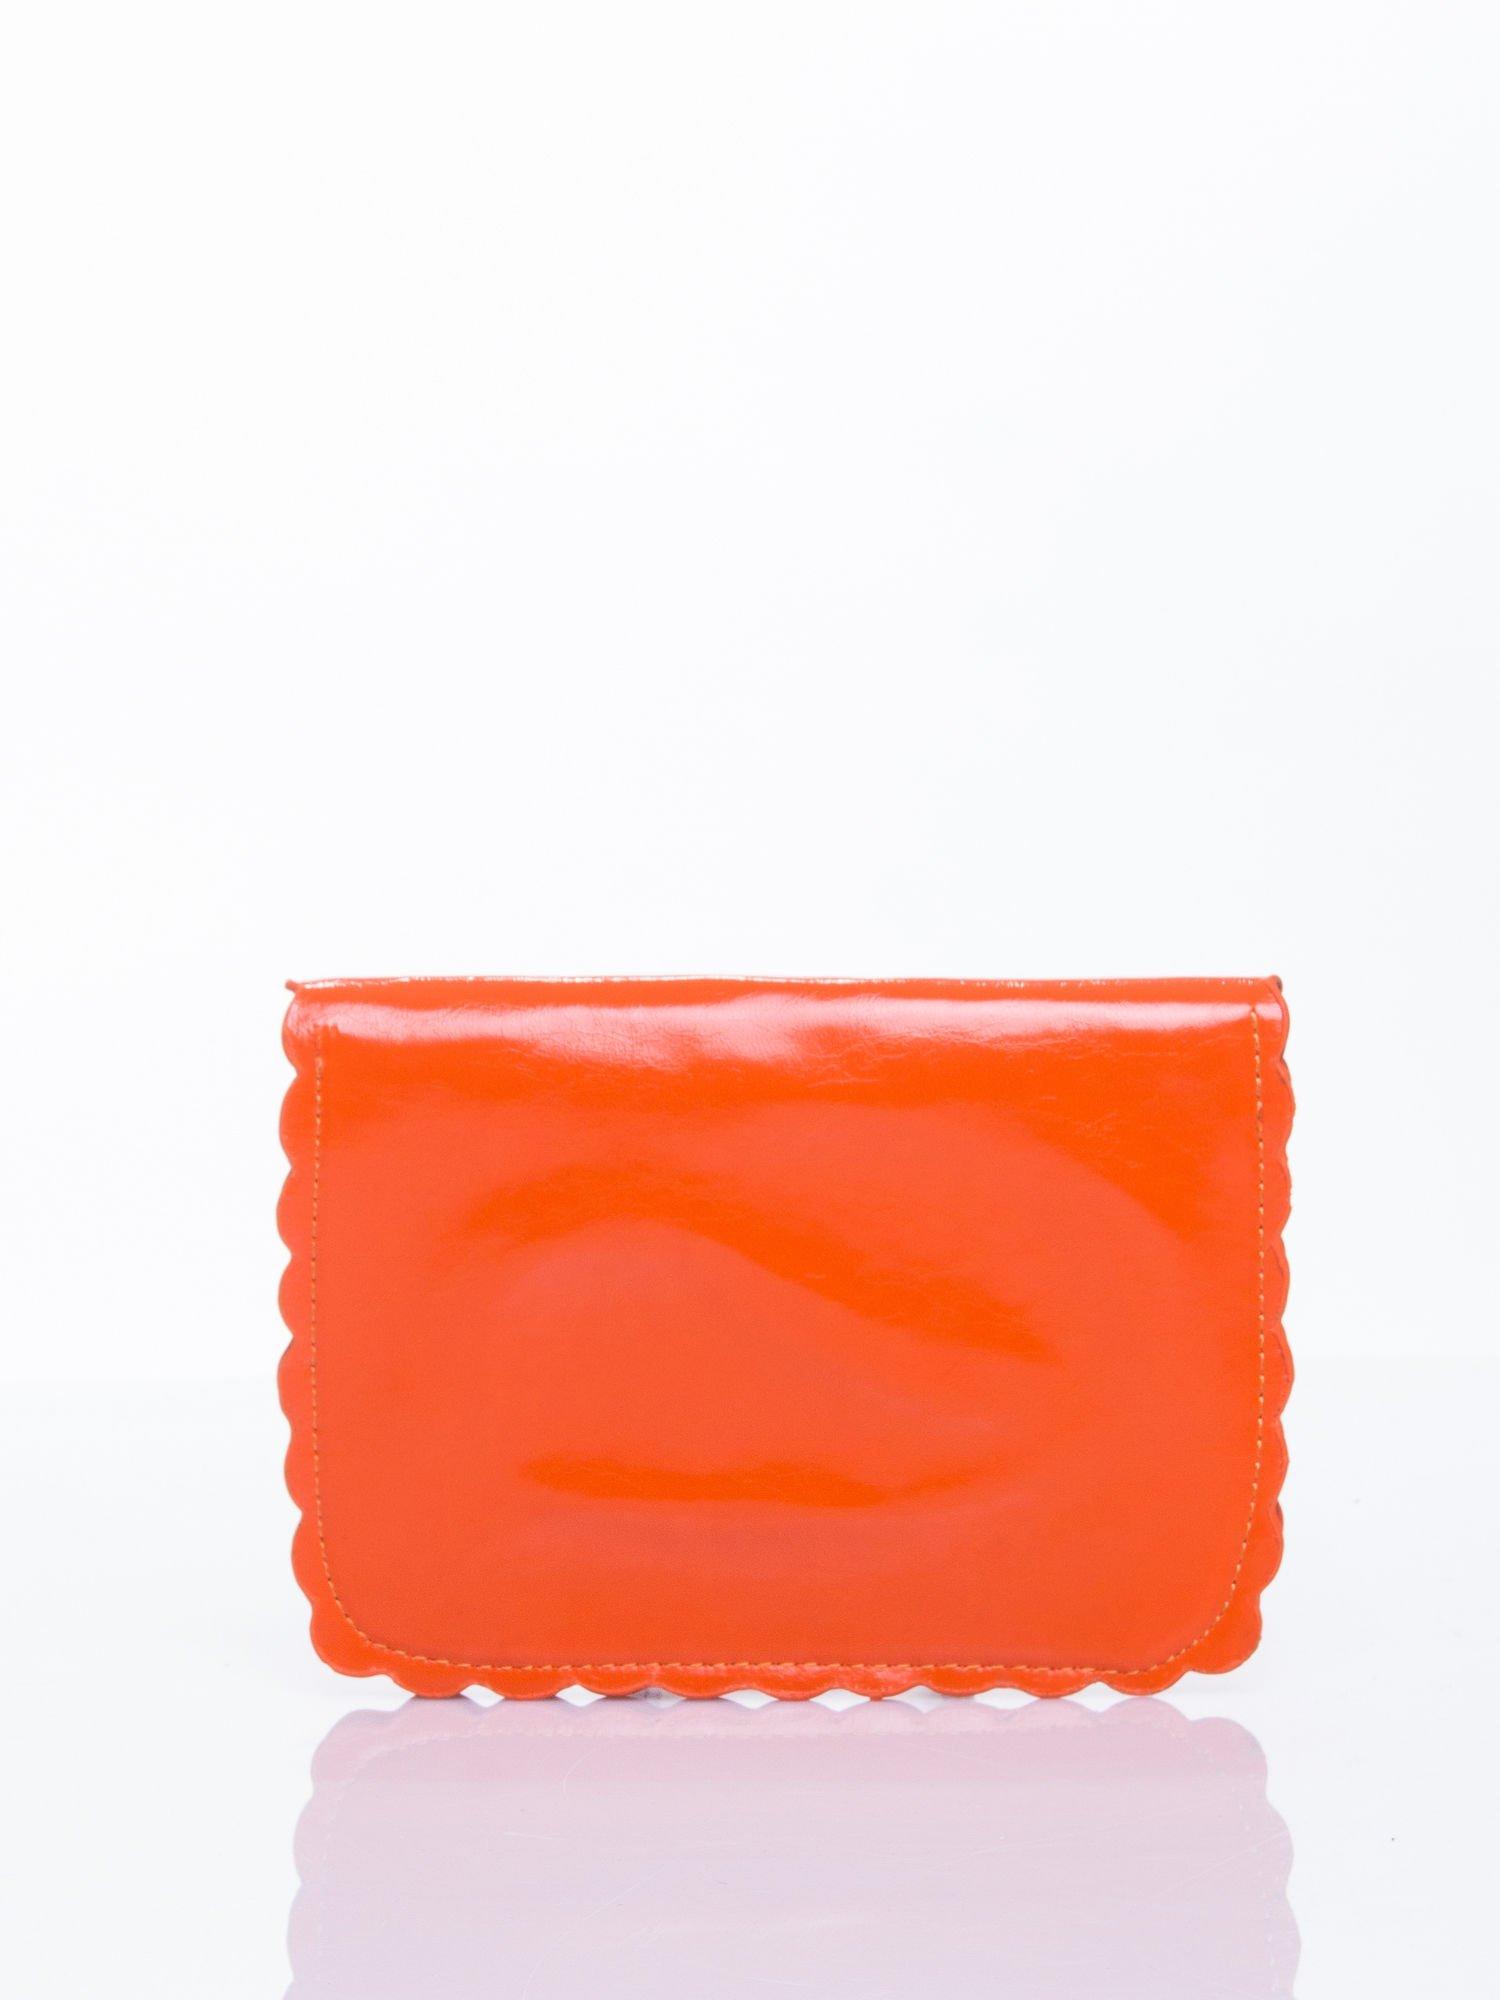 Pomrańczowa torebka listonoszka z falowanym wykończeniem                                  zdj.                                  3